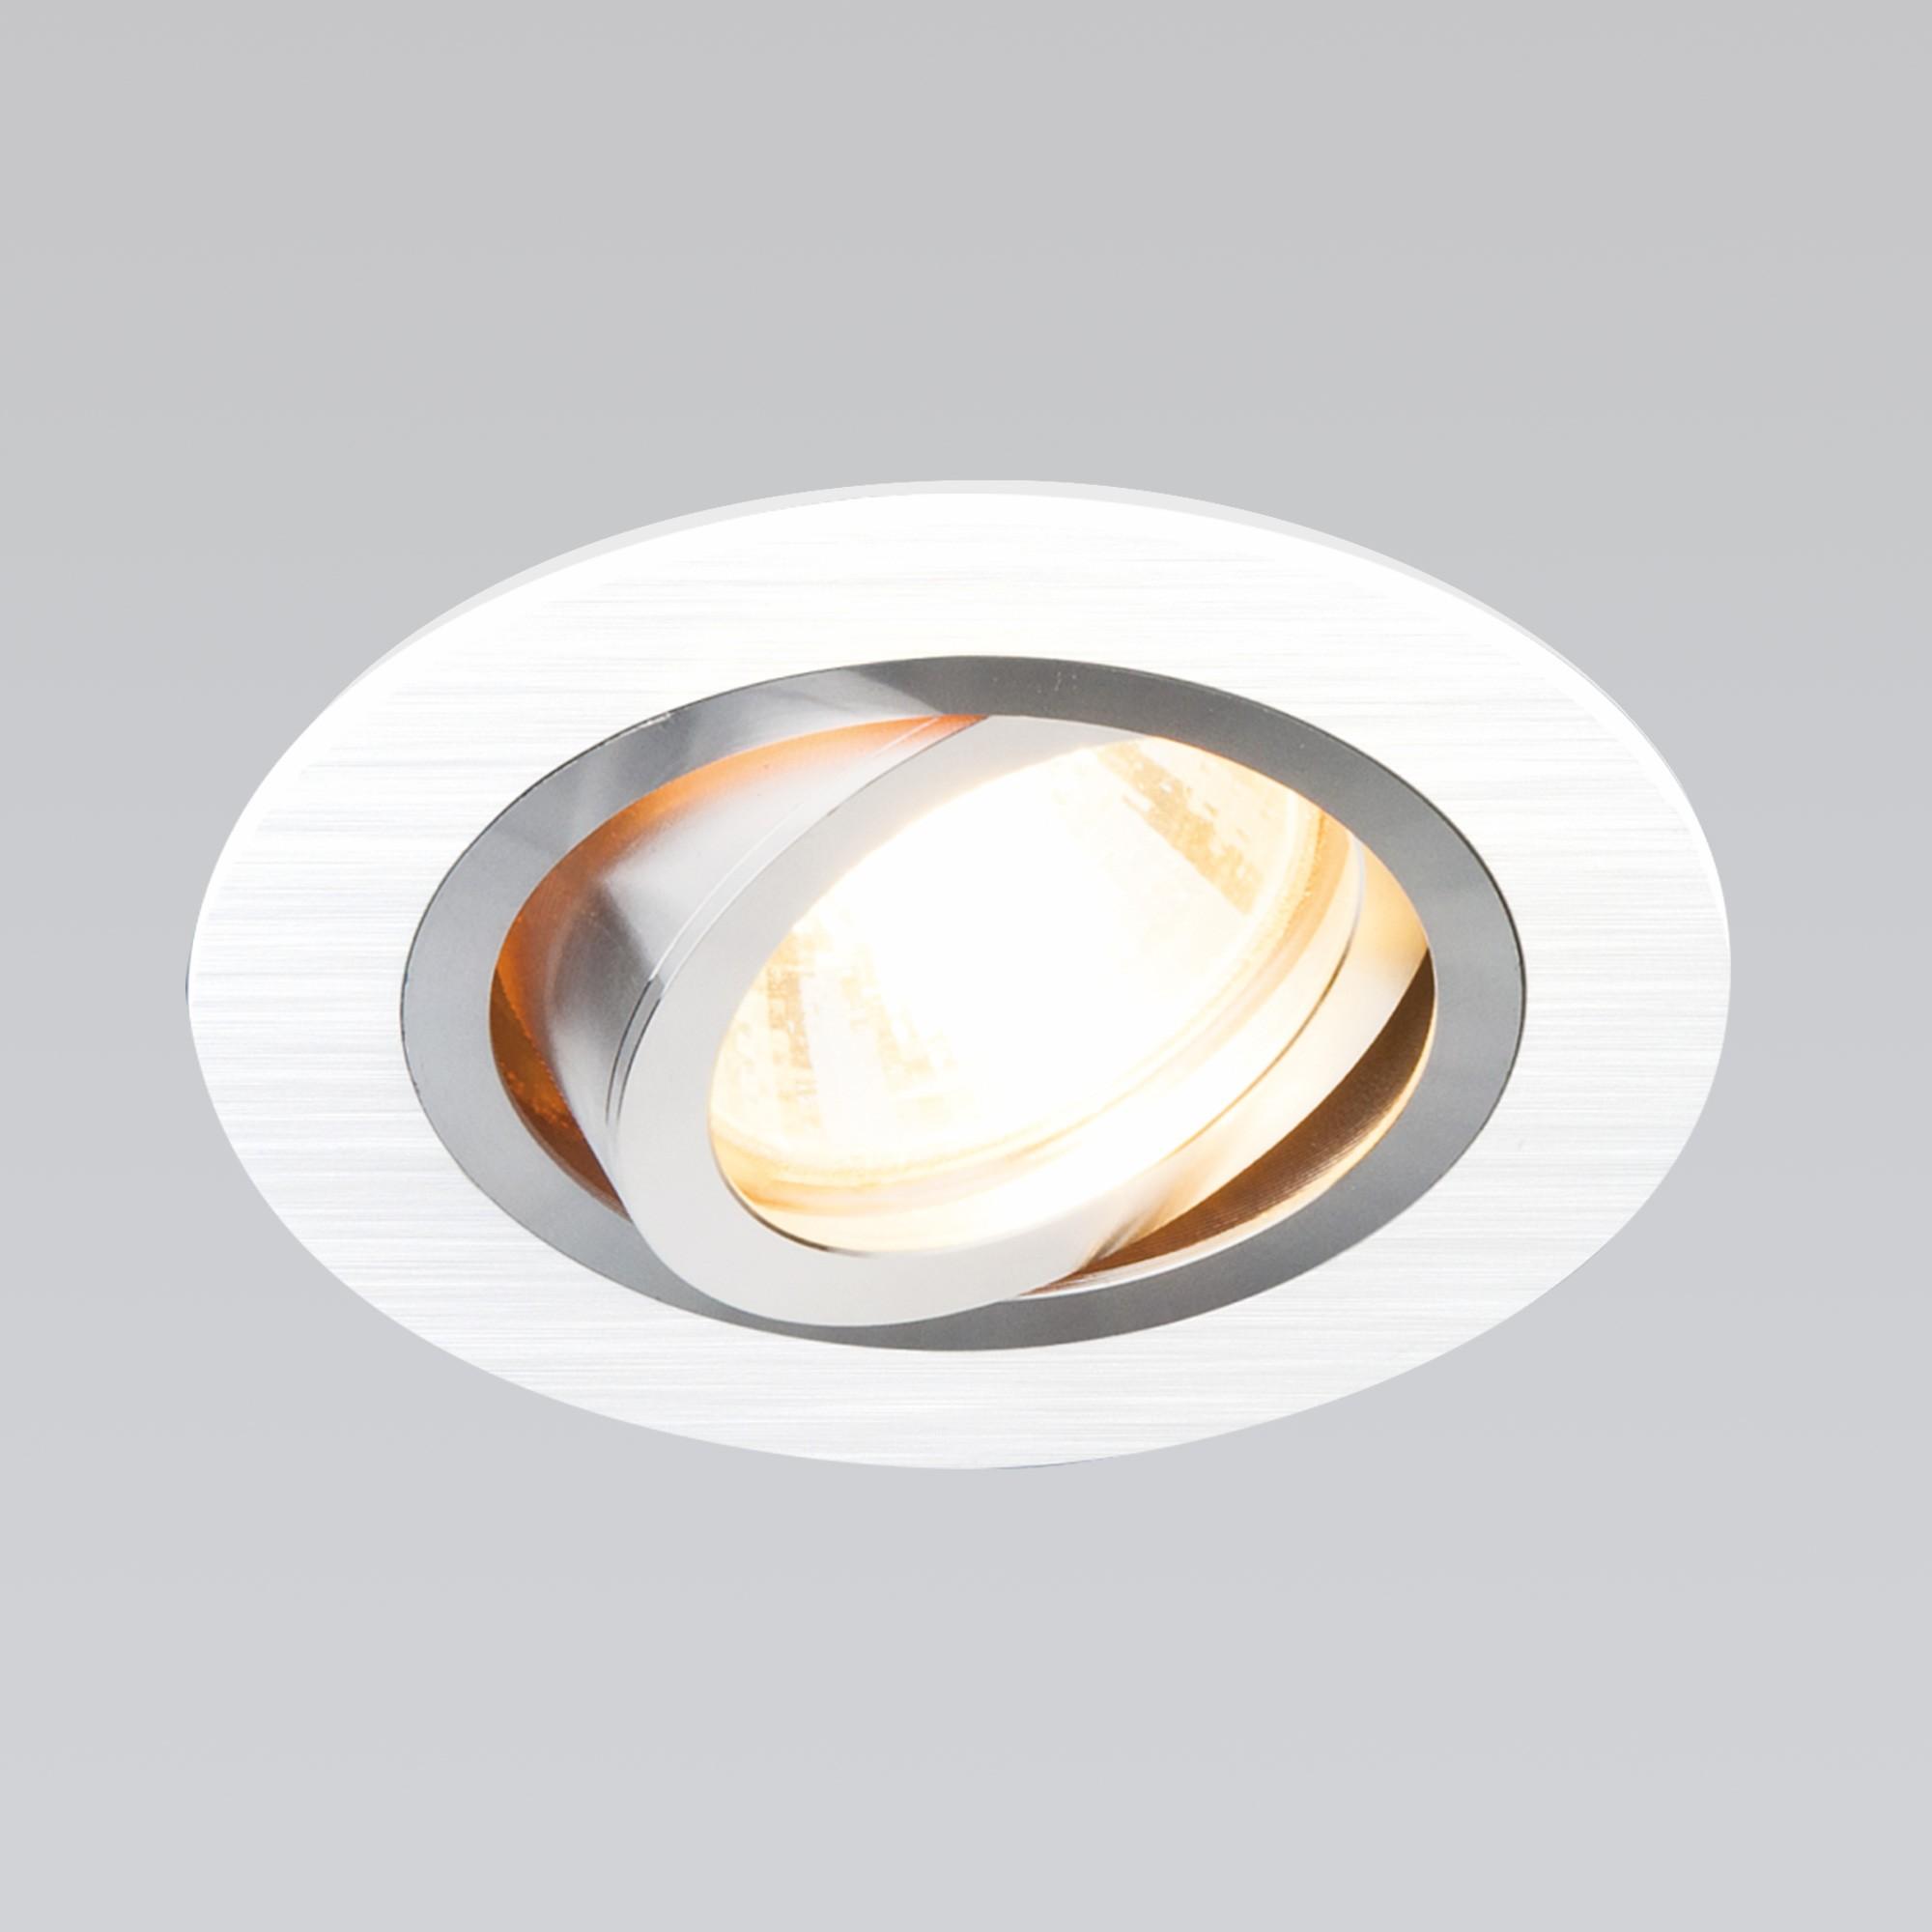 Фото Встраиваемый светильник Elektrostandard 1061 a036415